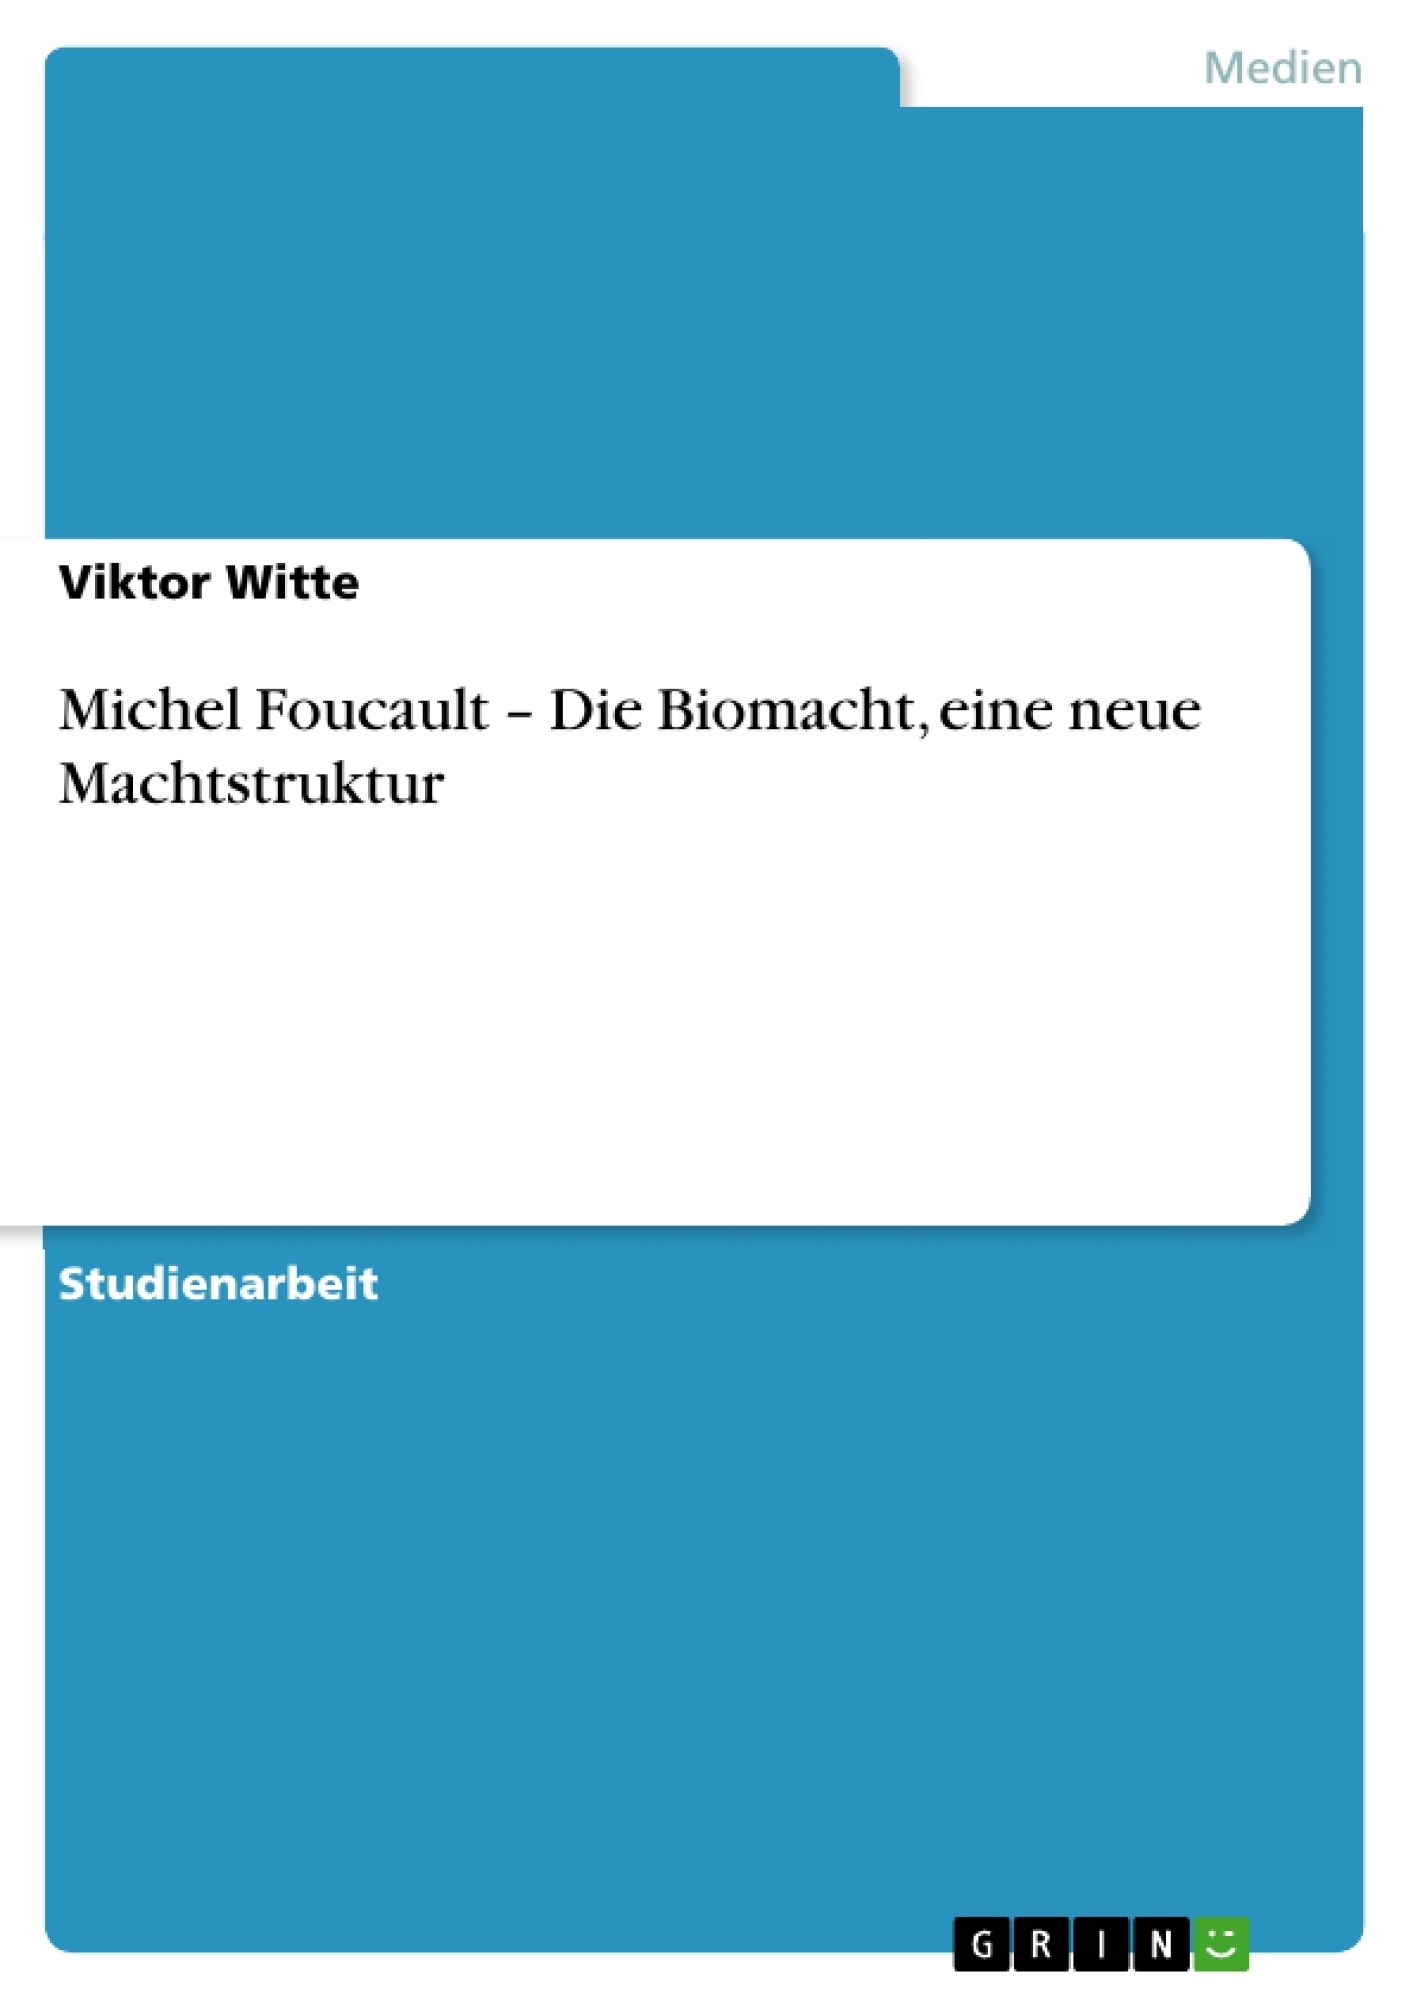 Titel: Michel Foucault – Die Biomacht, eine neue Machtstruktur